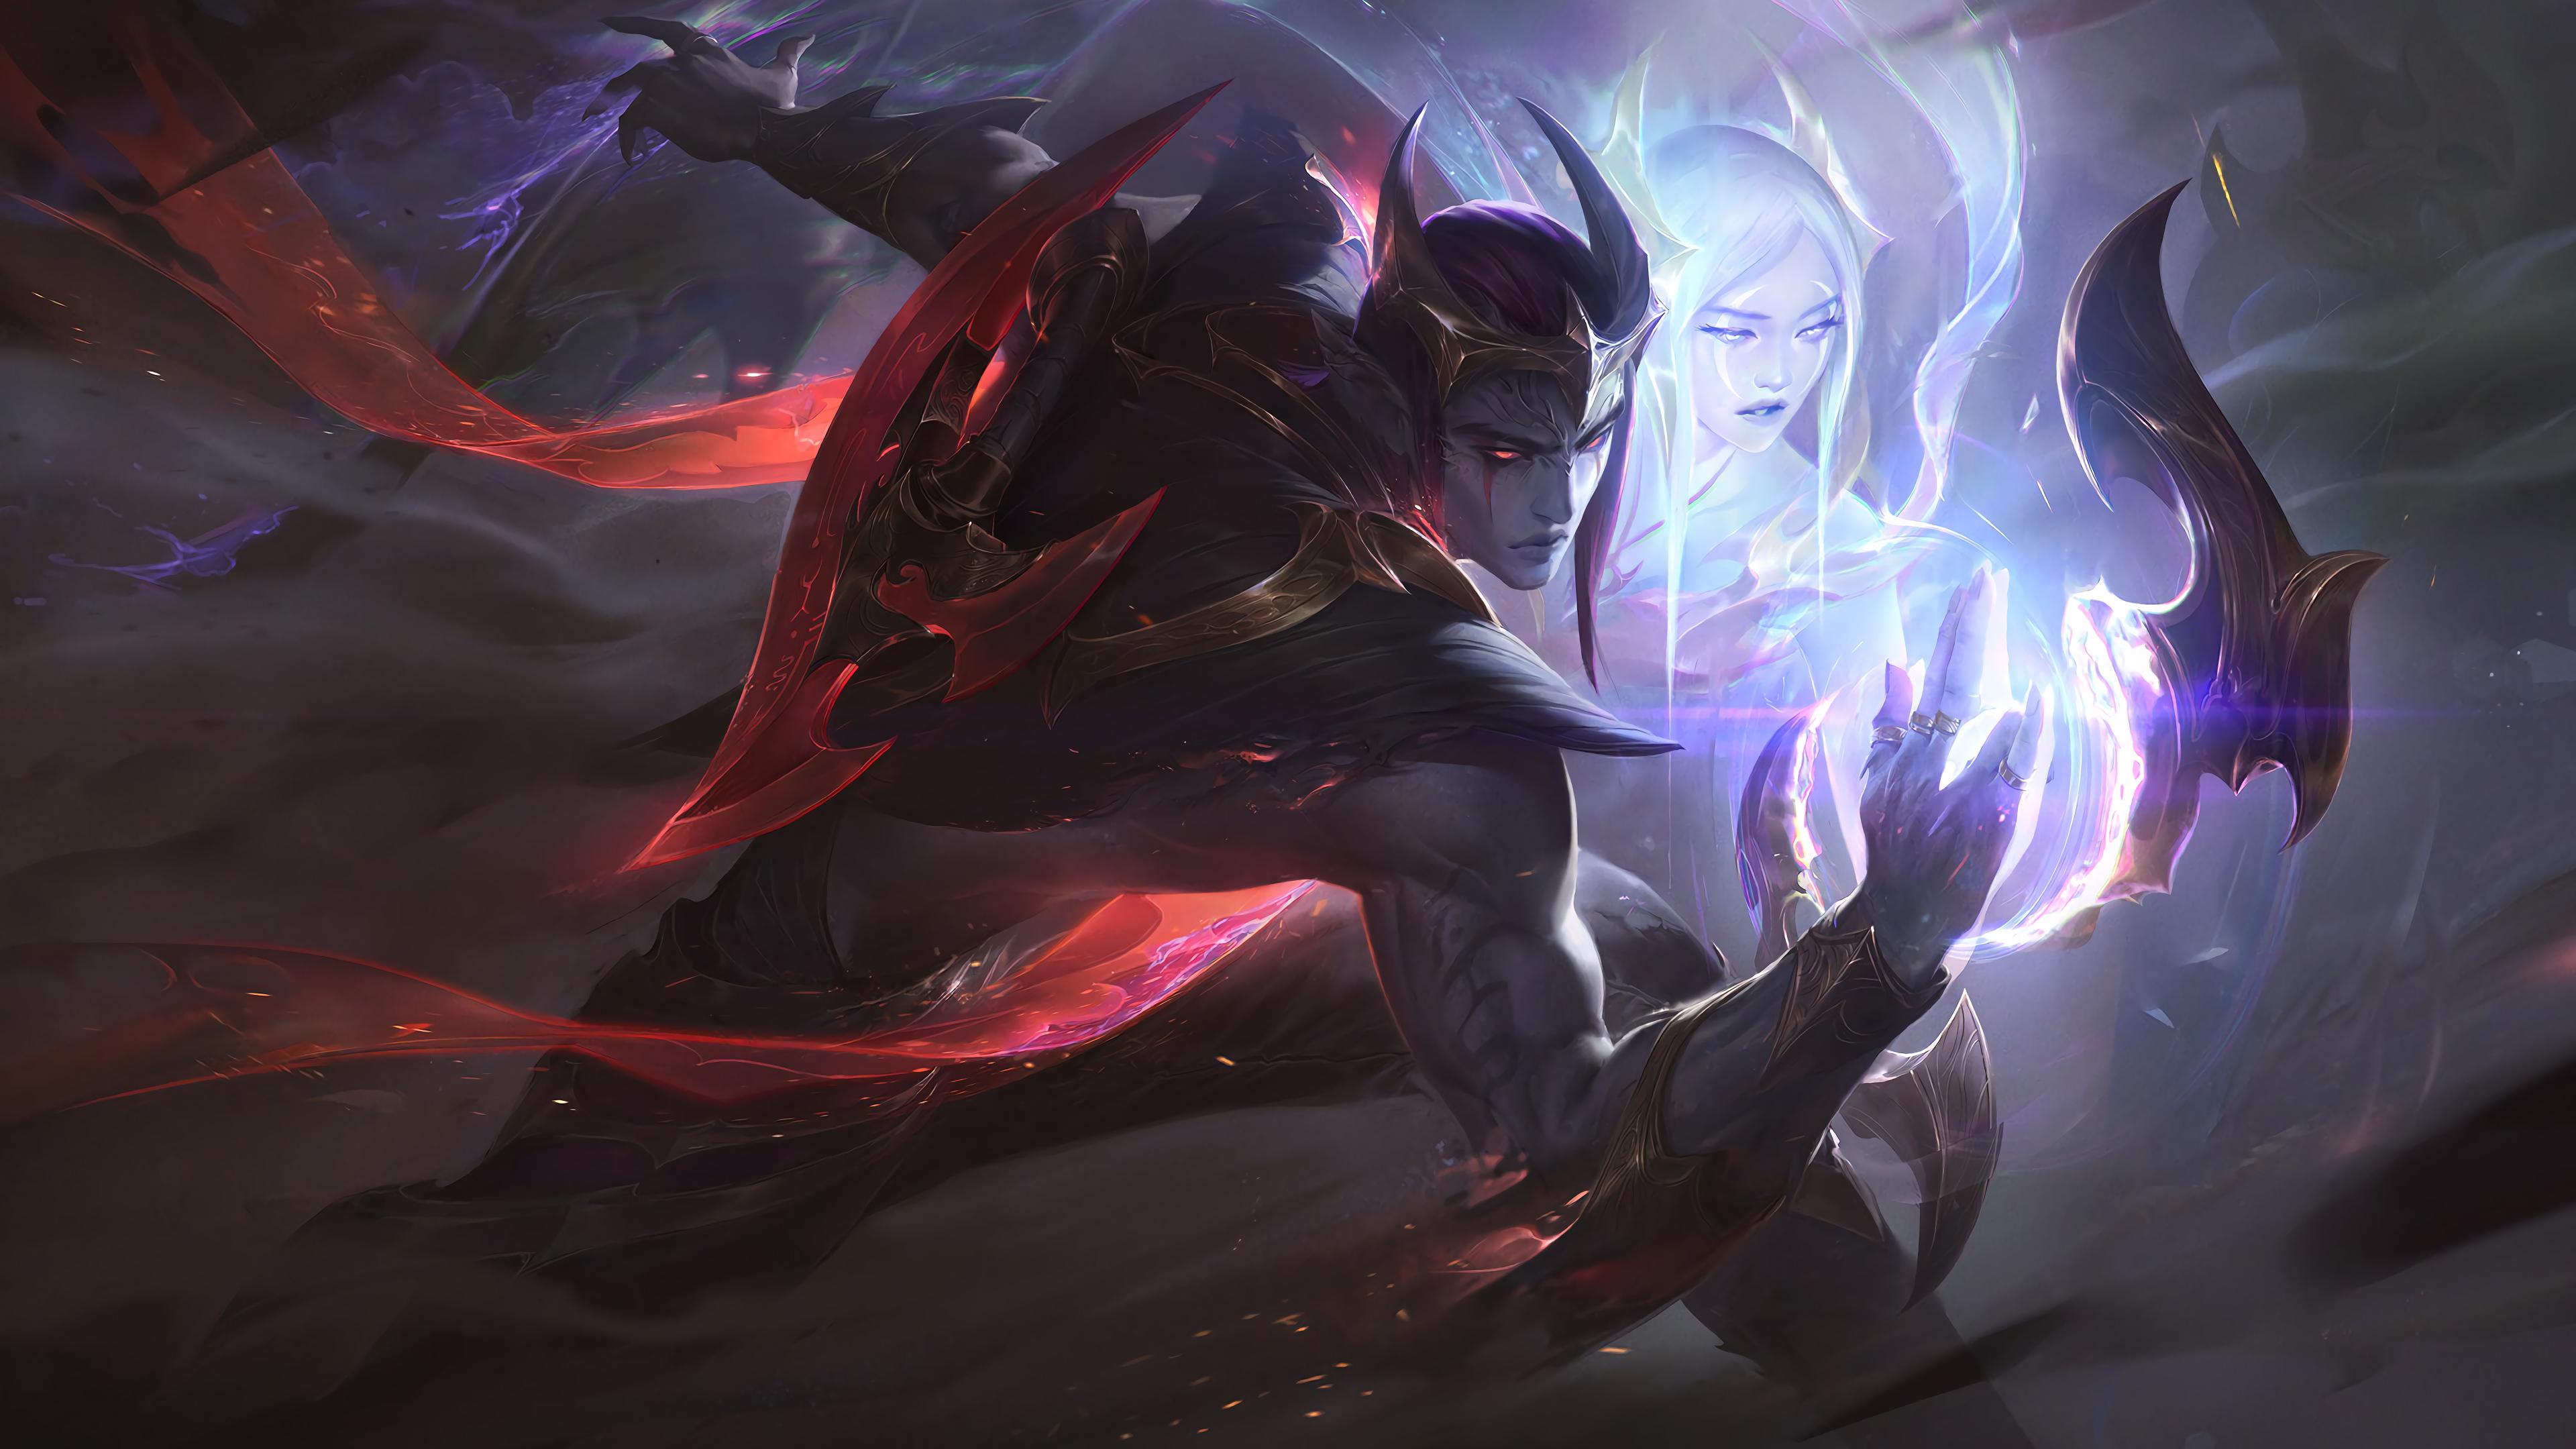 Wallpaper Aphelios League Of Legends League Of Legends Adc